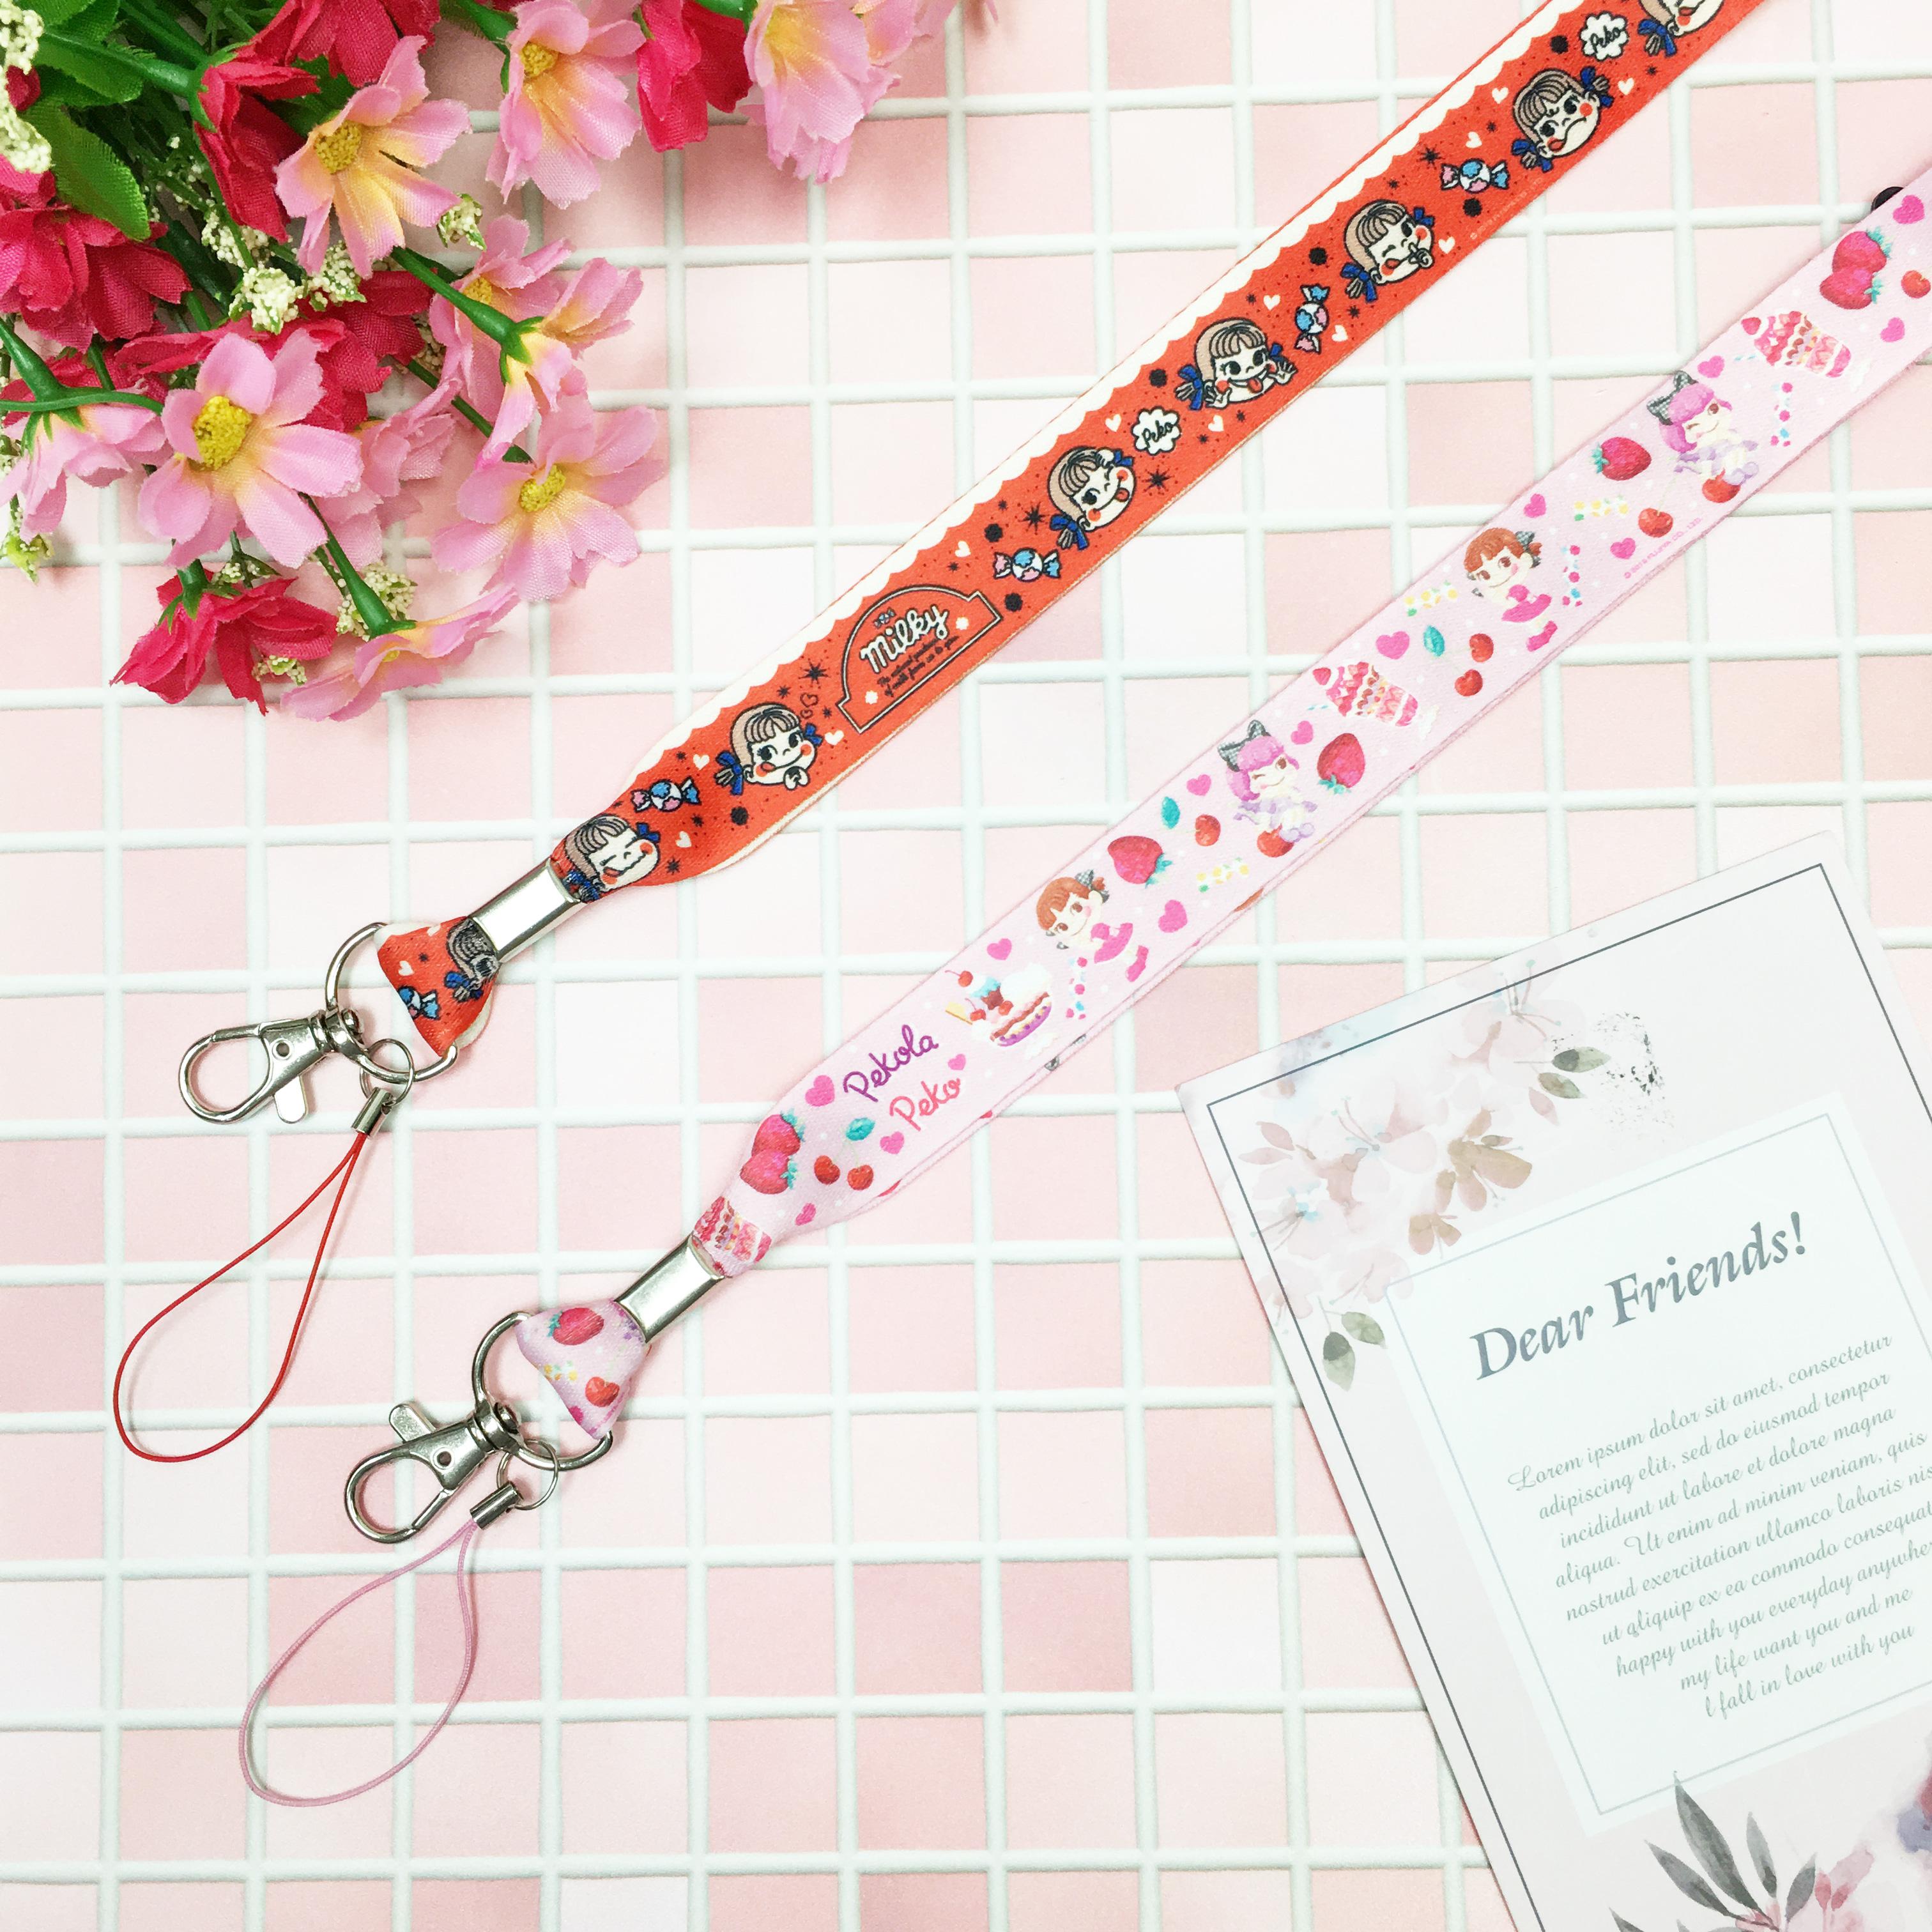 識別織帶 不二家 牛奶妹 紅 粉 票卡套帶 正版授權日本進口